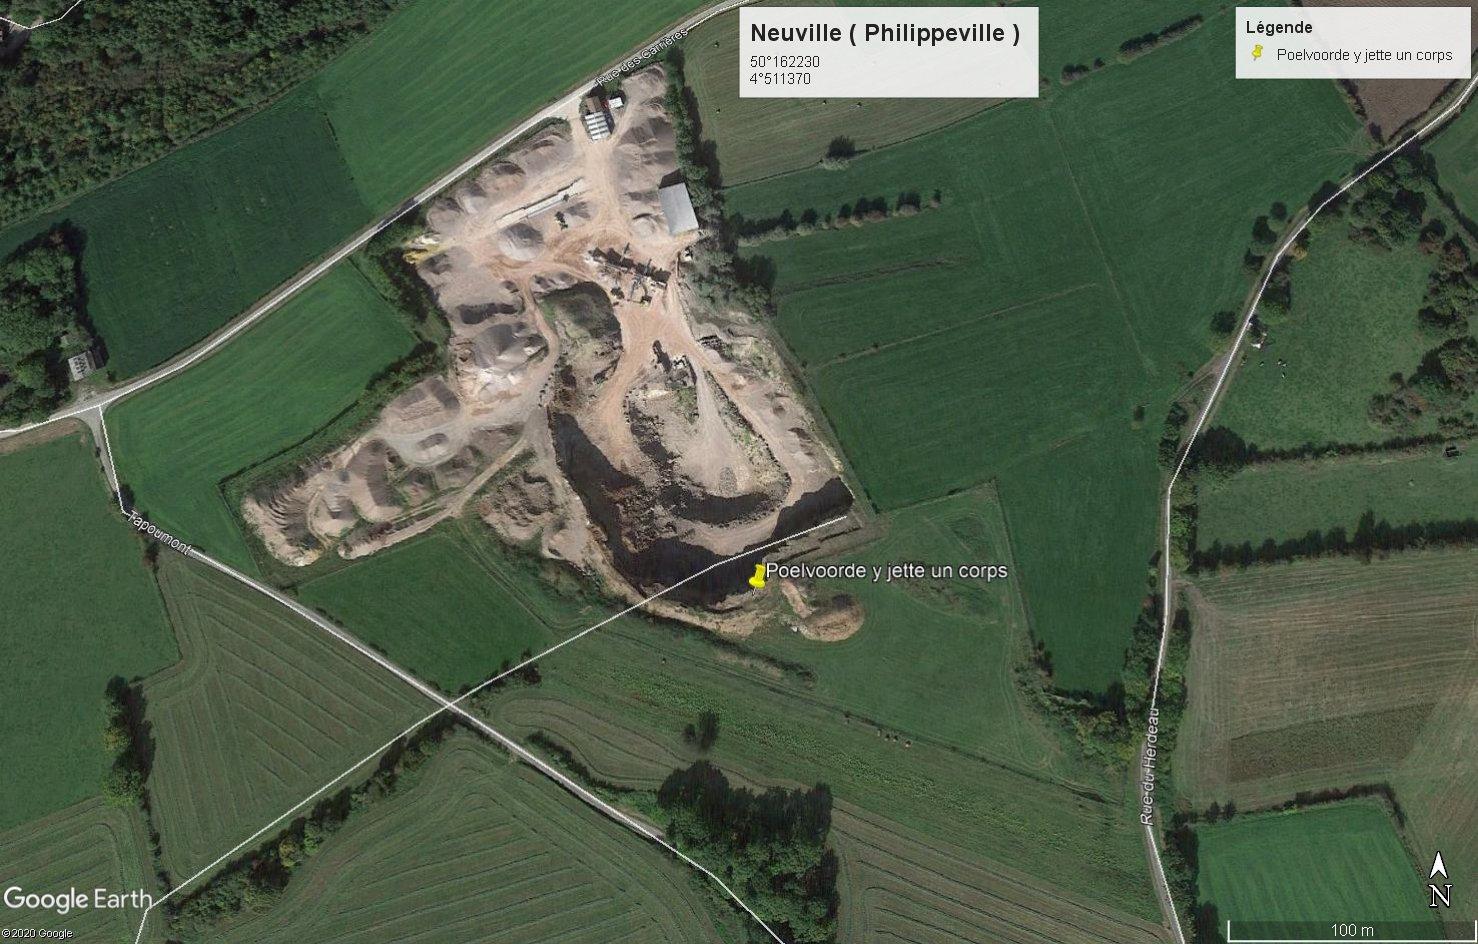 Lieux de tournage de vidéo-clip découverts avec Google Earth - Page 6 201007014632269741